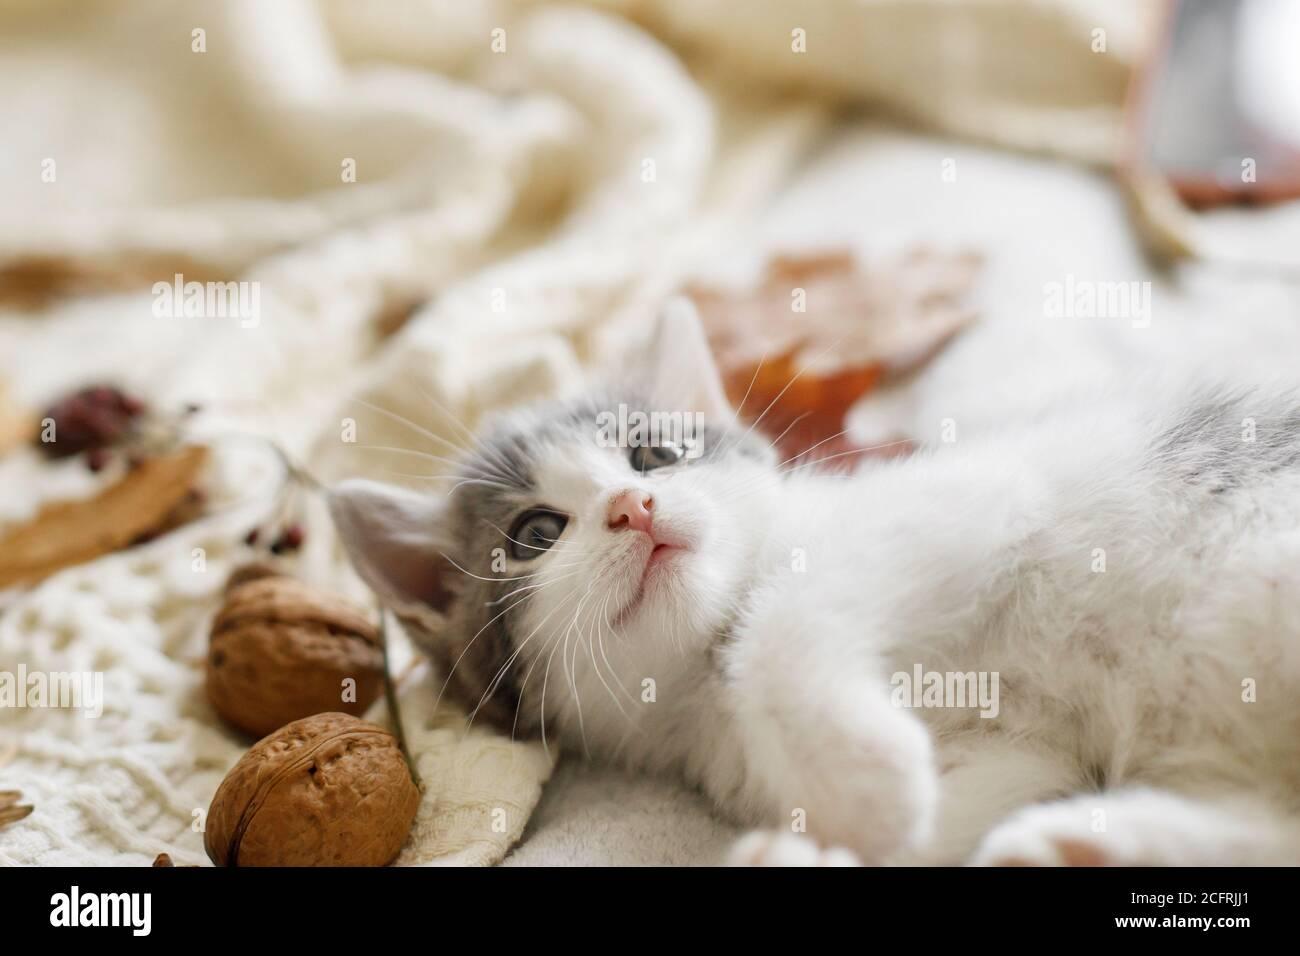 Adorabile gattino che gioca con foglie d'autunno e ghiande su morbida coperta. Autunno accogliente umore. Simpatico gattino bianco e grigio che gioca con decorazioni autunnali su Be Foto Stock